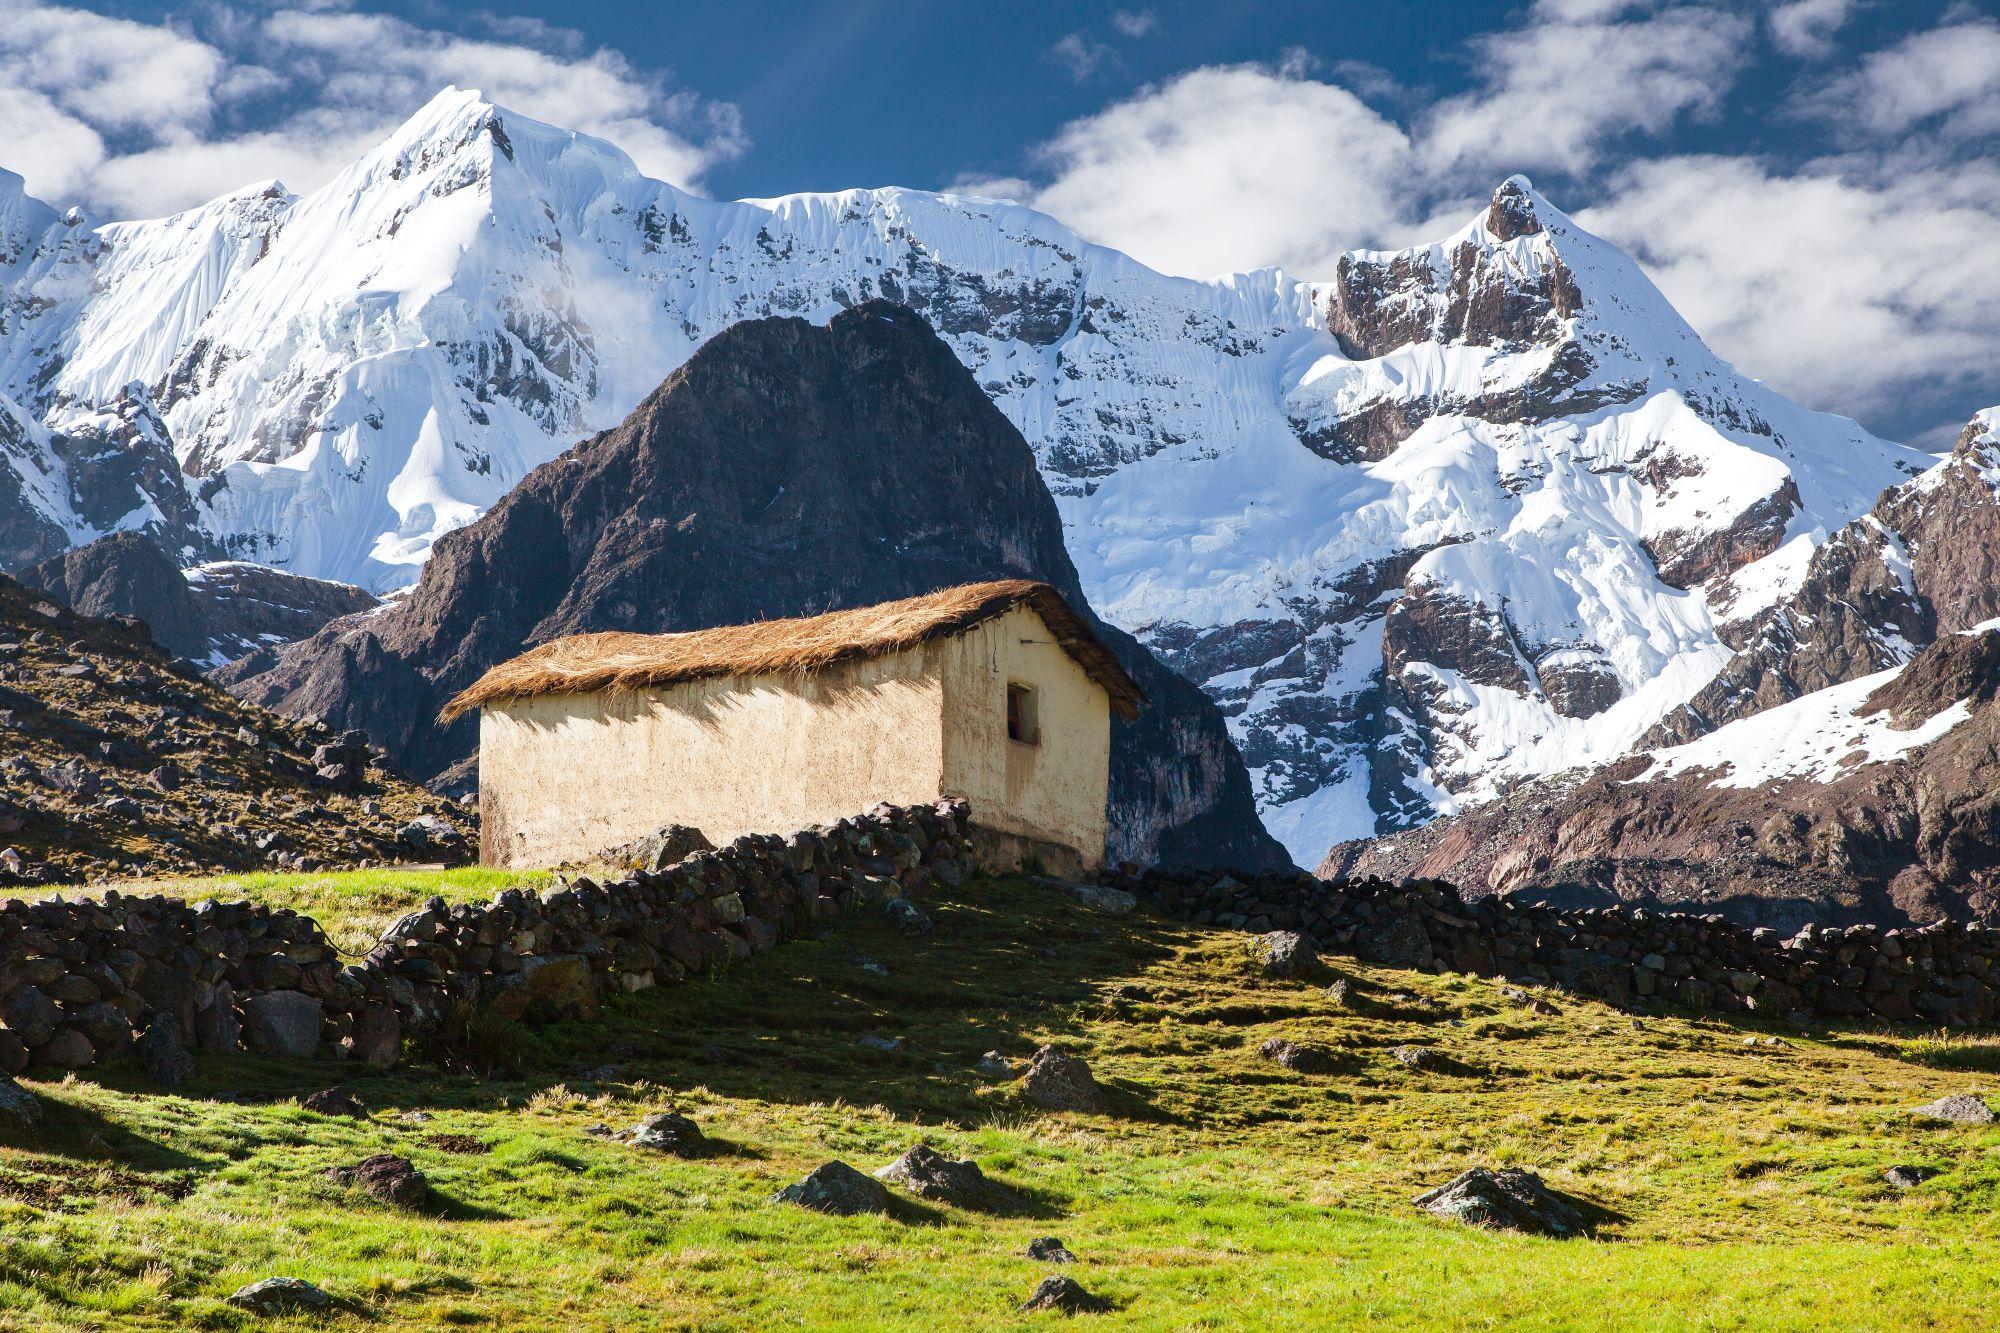 cordillera central peruvian andes first ascent